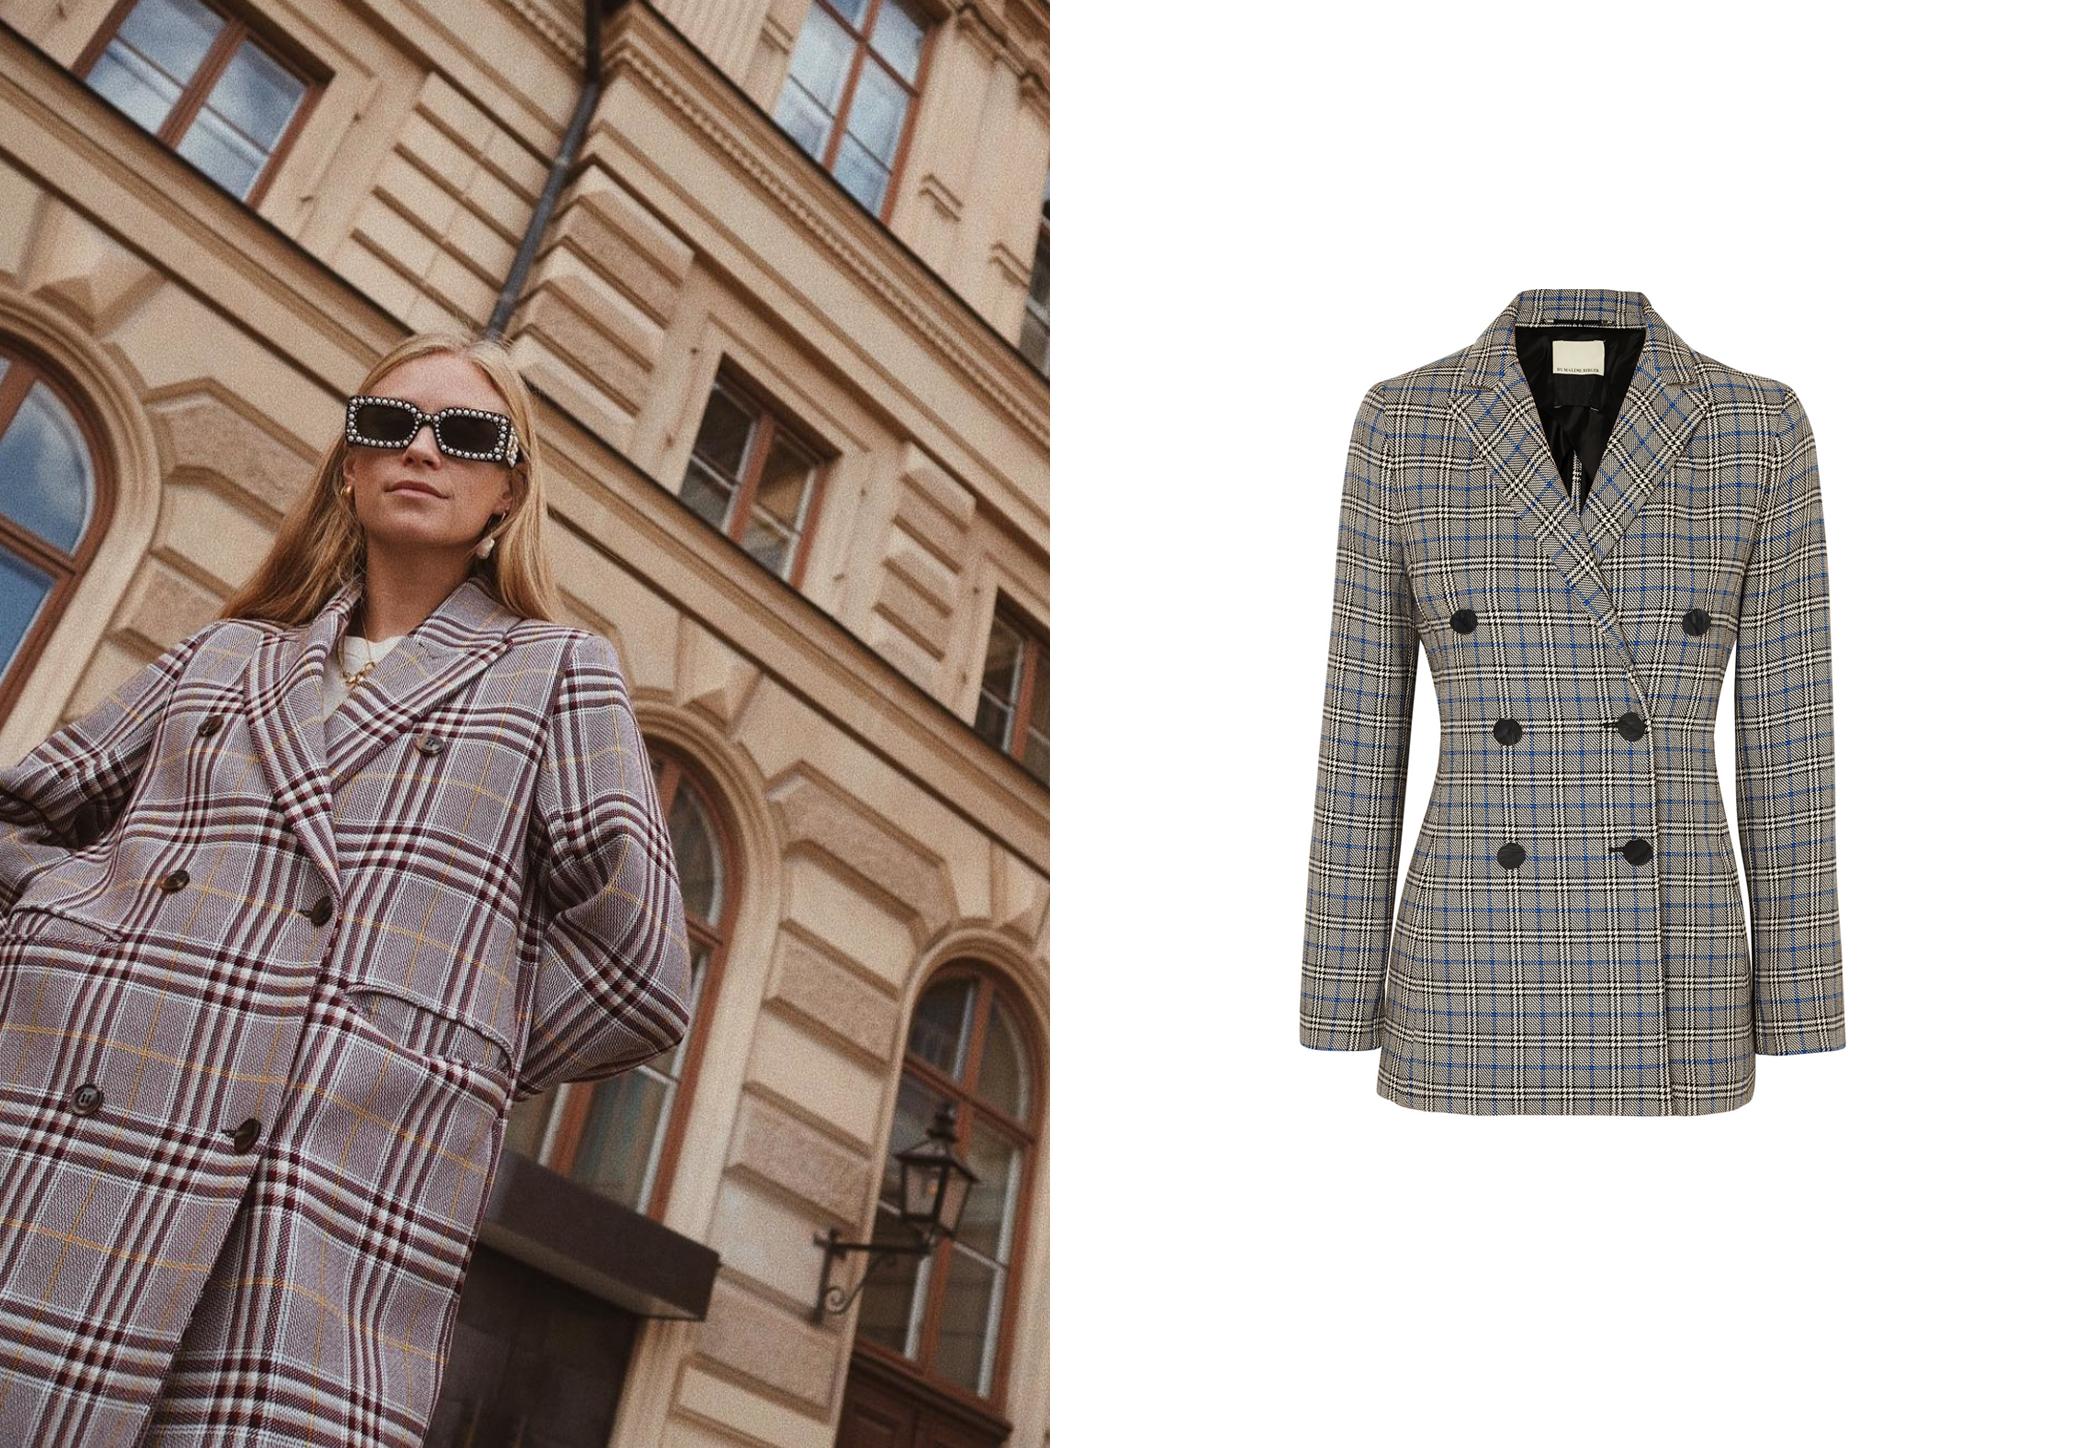 De izq a dcha: Tine Andrea con blazer cruzado de Samsoe & Samsoe y americana de algodón de By Malene Birger, 525 €. (@tineandrea y cortesía de la marca)